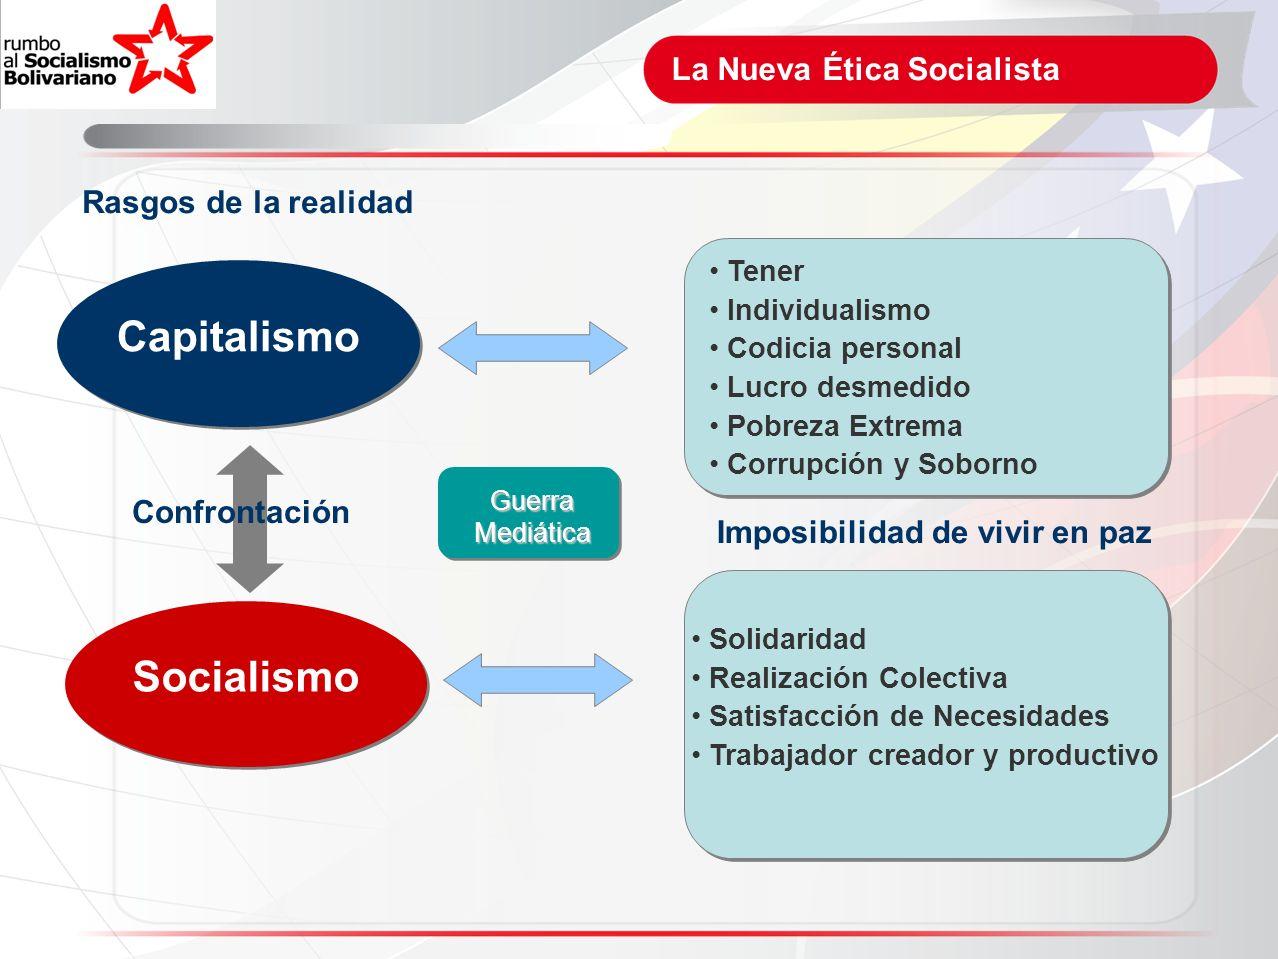 La Nueva Ética Socialista Capitalismo Socialismo Tener Individualismo Codicia personal Lucro desmedido Pobreza Extrema Corrupción y Soborno Solidarida